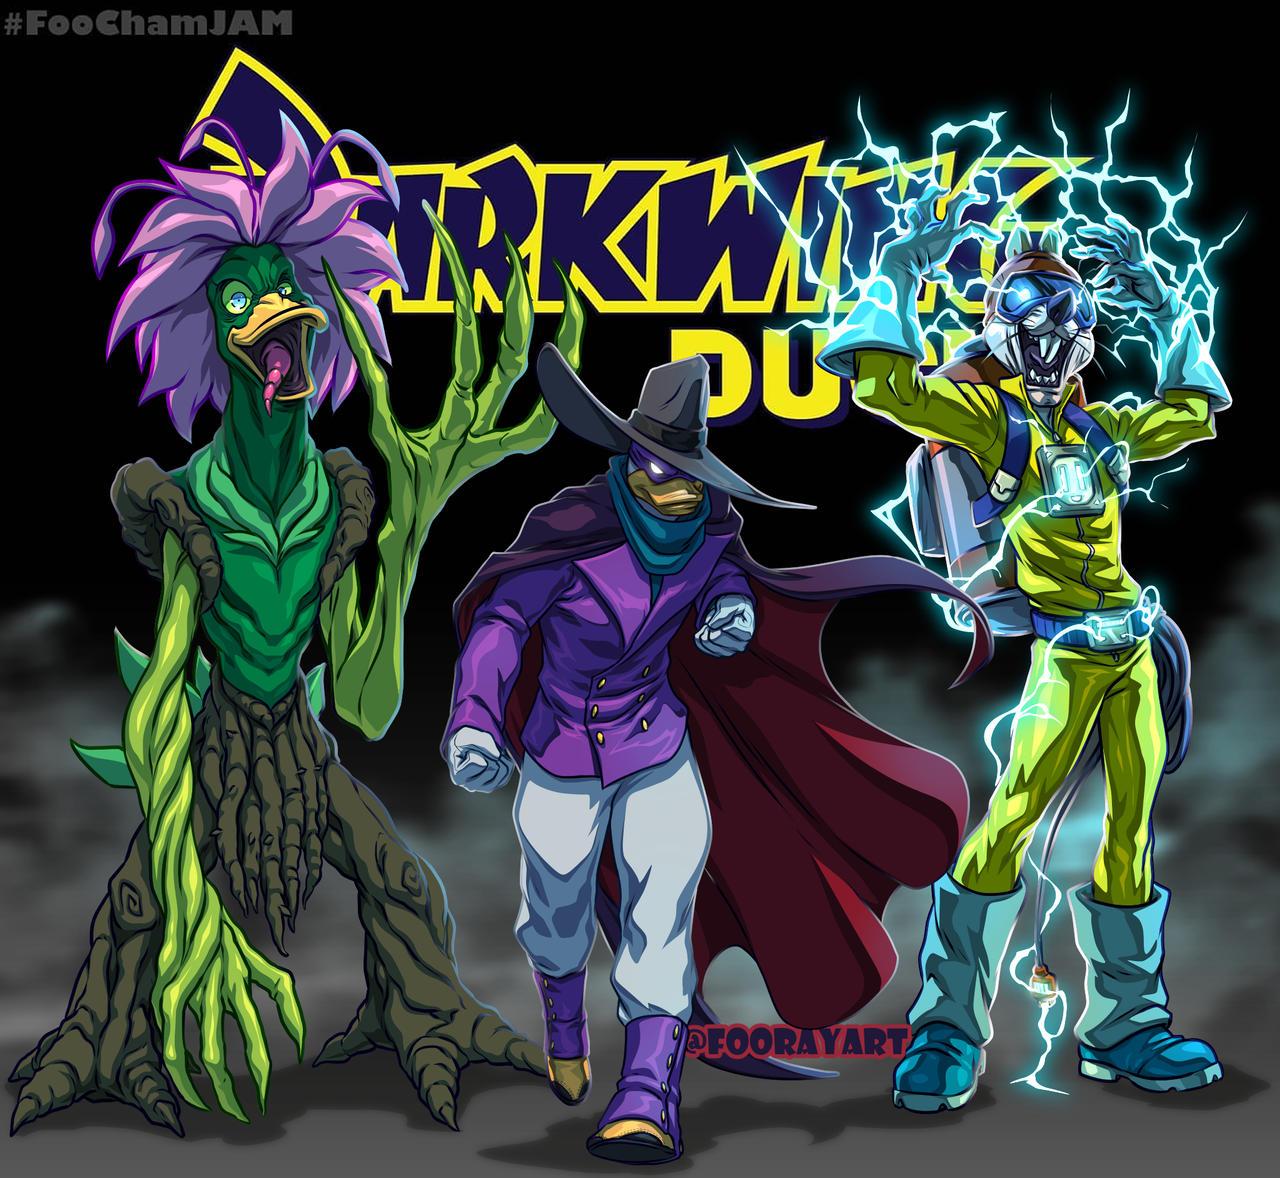 RebootJam DarkWing Duck FooMix